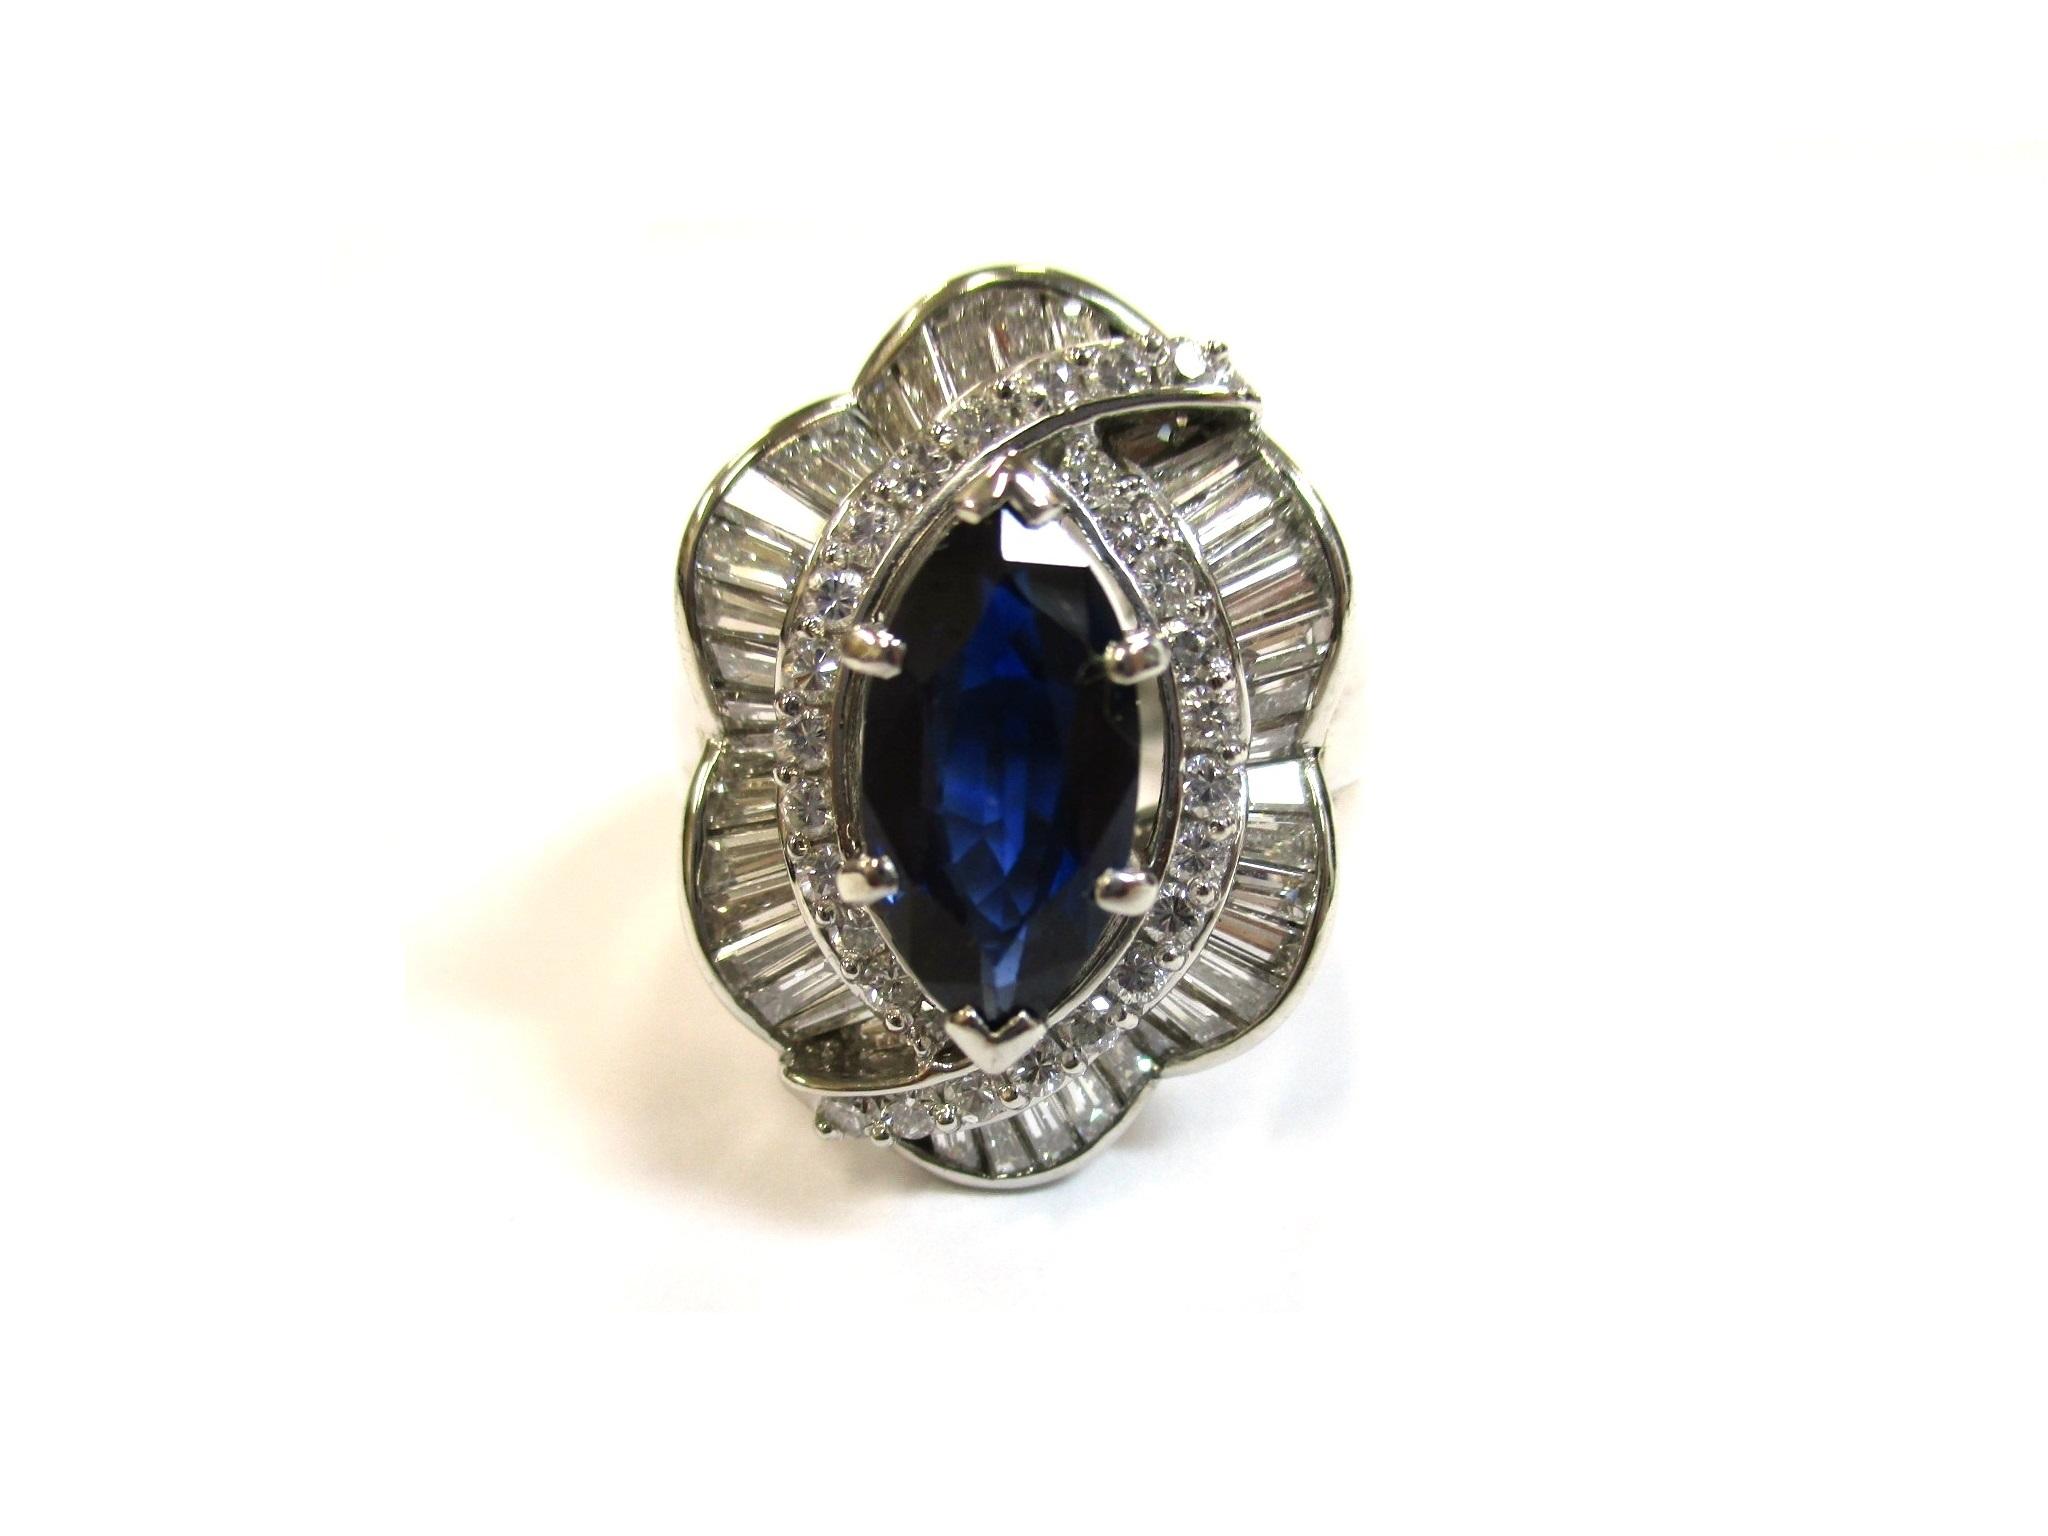 【形状】指輪 【素材】プラチナ 【宝石】サファイア・ダイ…の画像